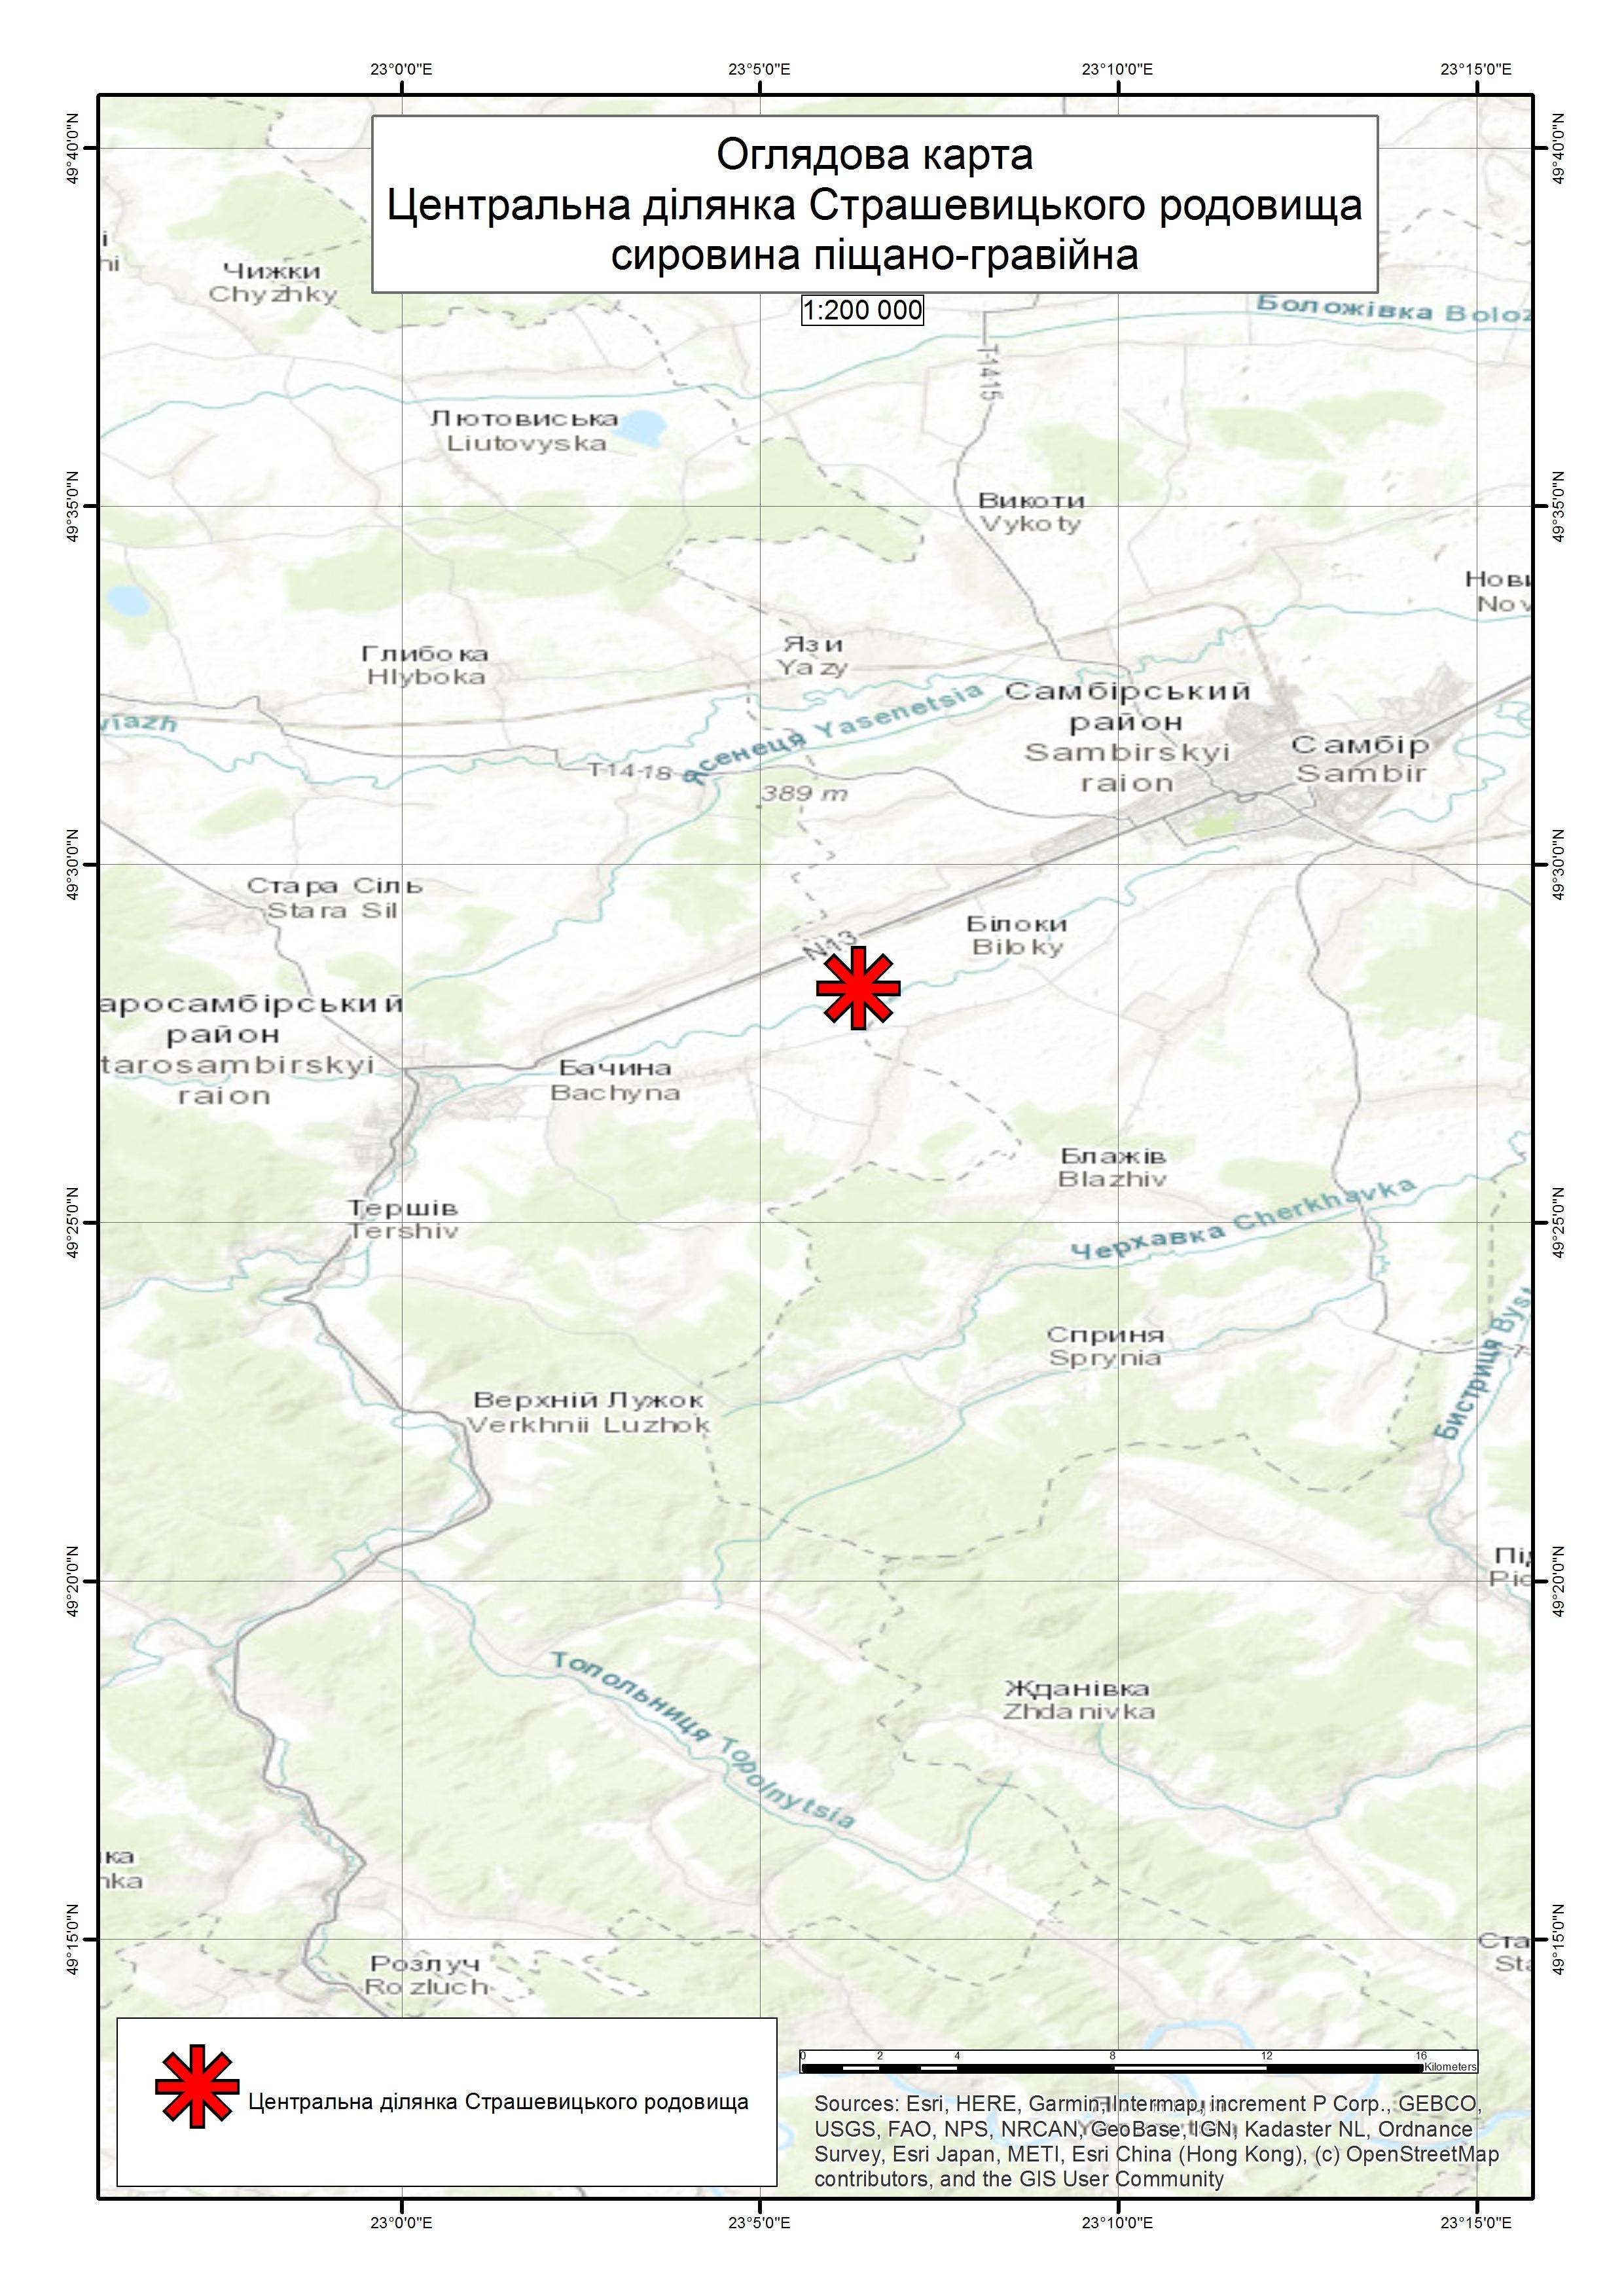 Спеціальний дозвіл на користування надрами – Ділянка Центральна Страшевицького родовища. Вартість геологічної інформації – 72 847,31 грн (з ПДВ). Вартість пакету аукціонної документації – 24 751,15 грн (з ПДВ).